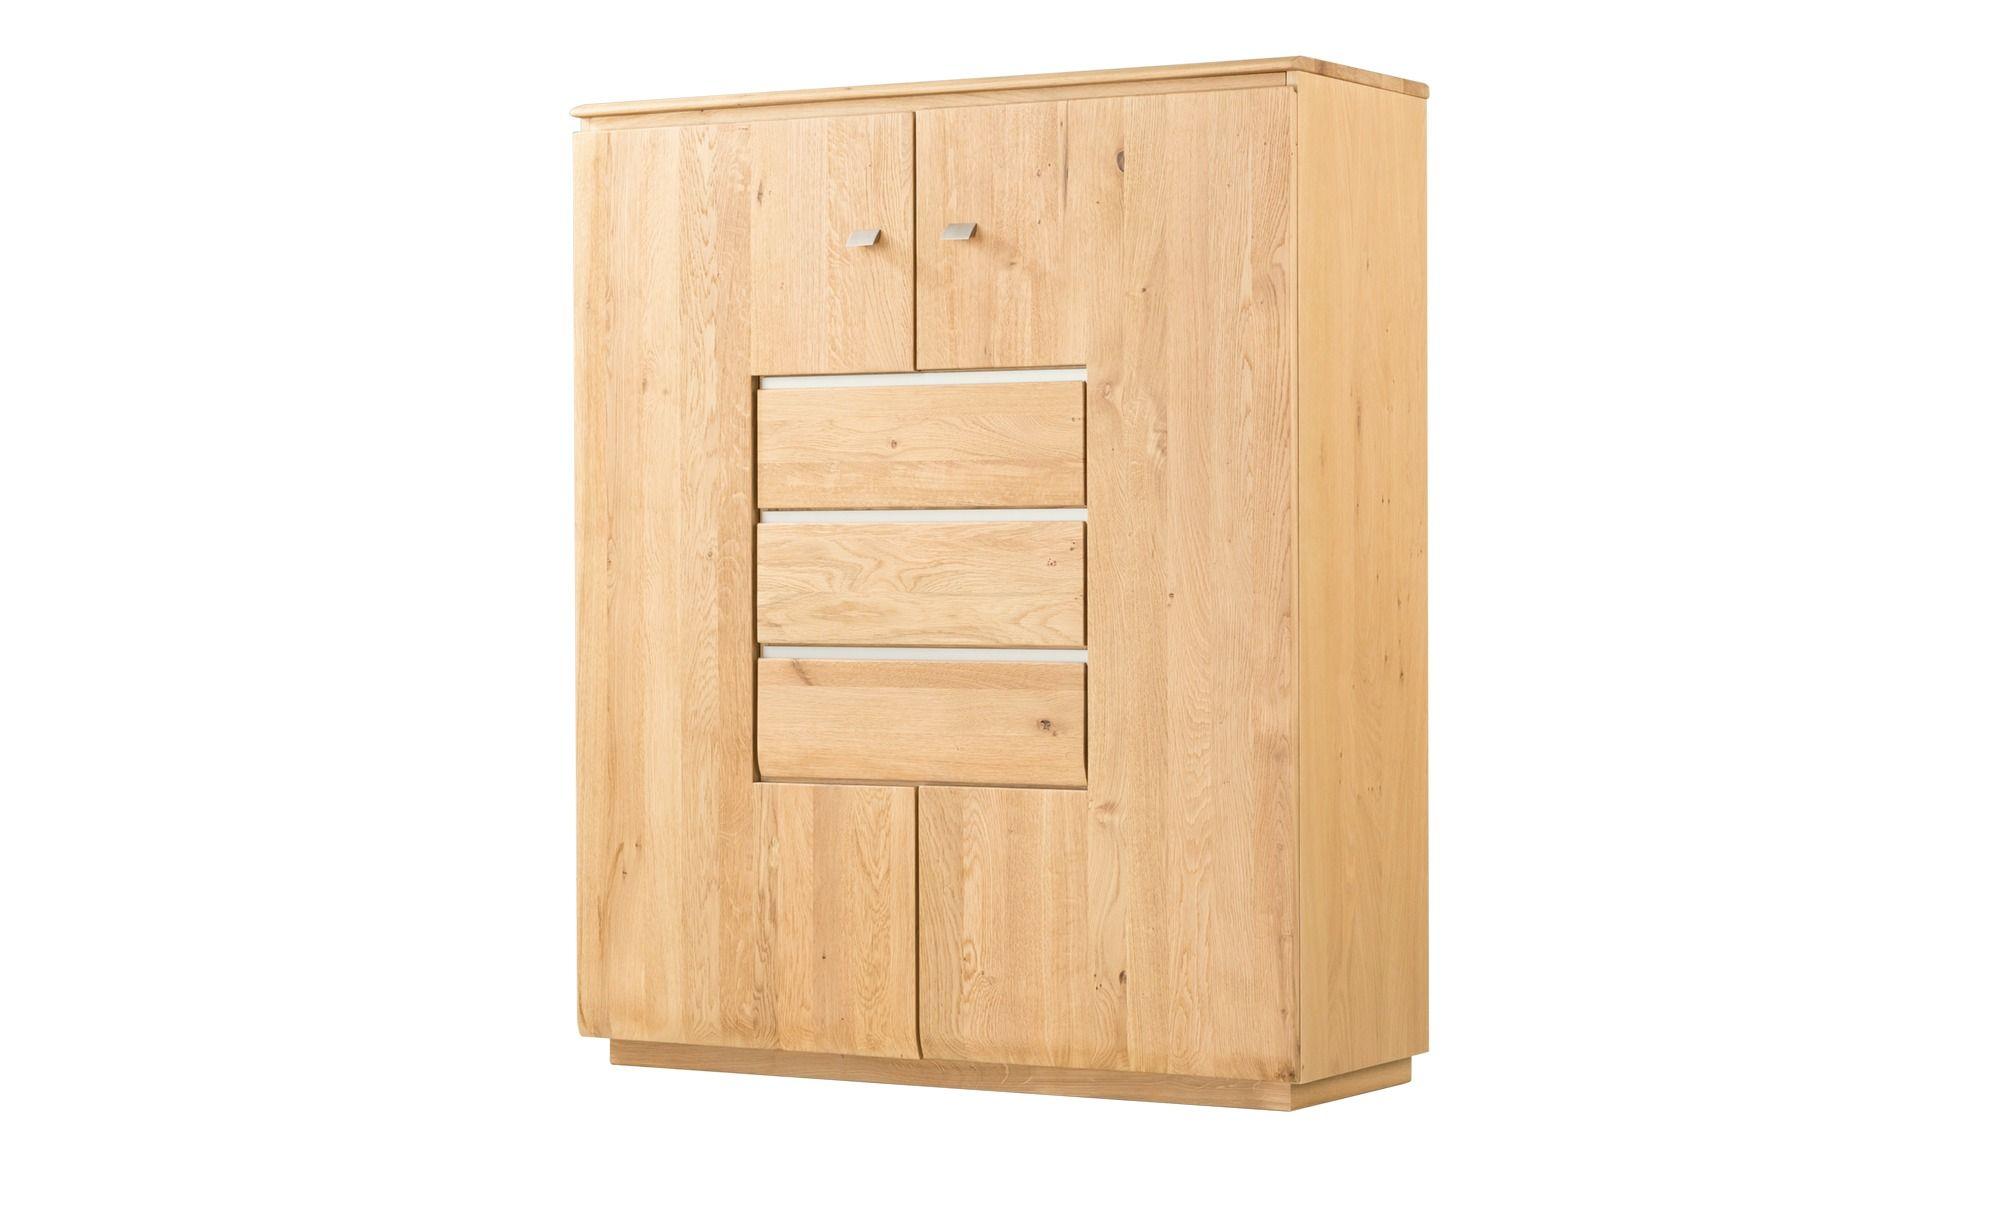 Beeindruckend Woodford Möbel Referenz Von Highboard Thyria Jetzt Bestellen Unter: Https://moebel .ladendirekt.de